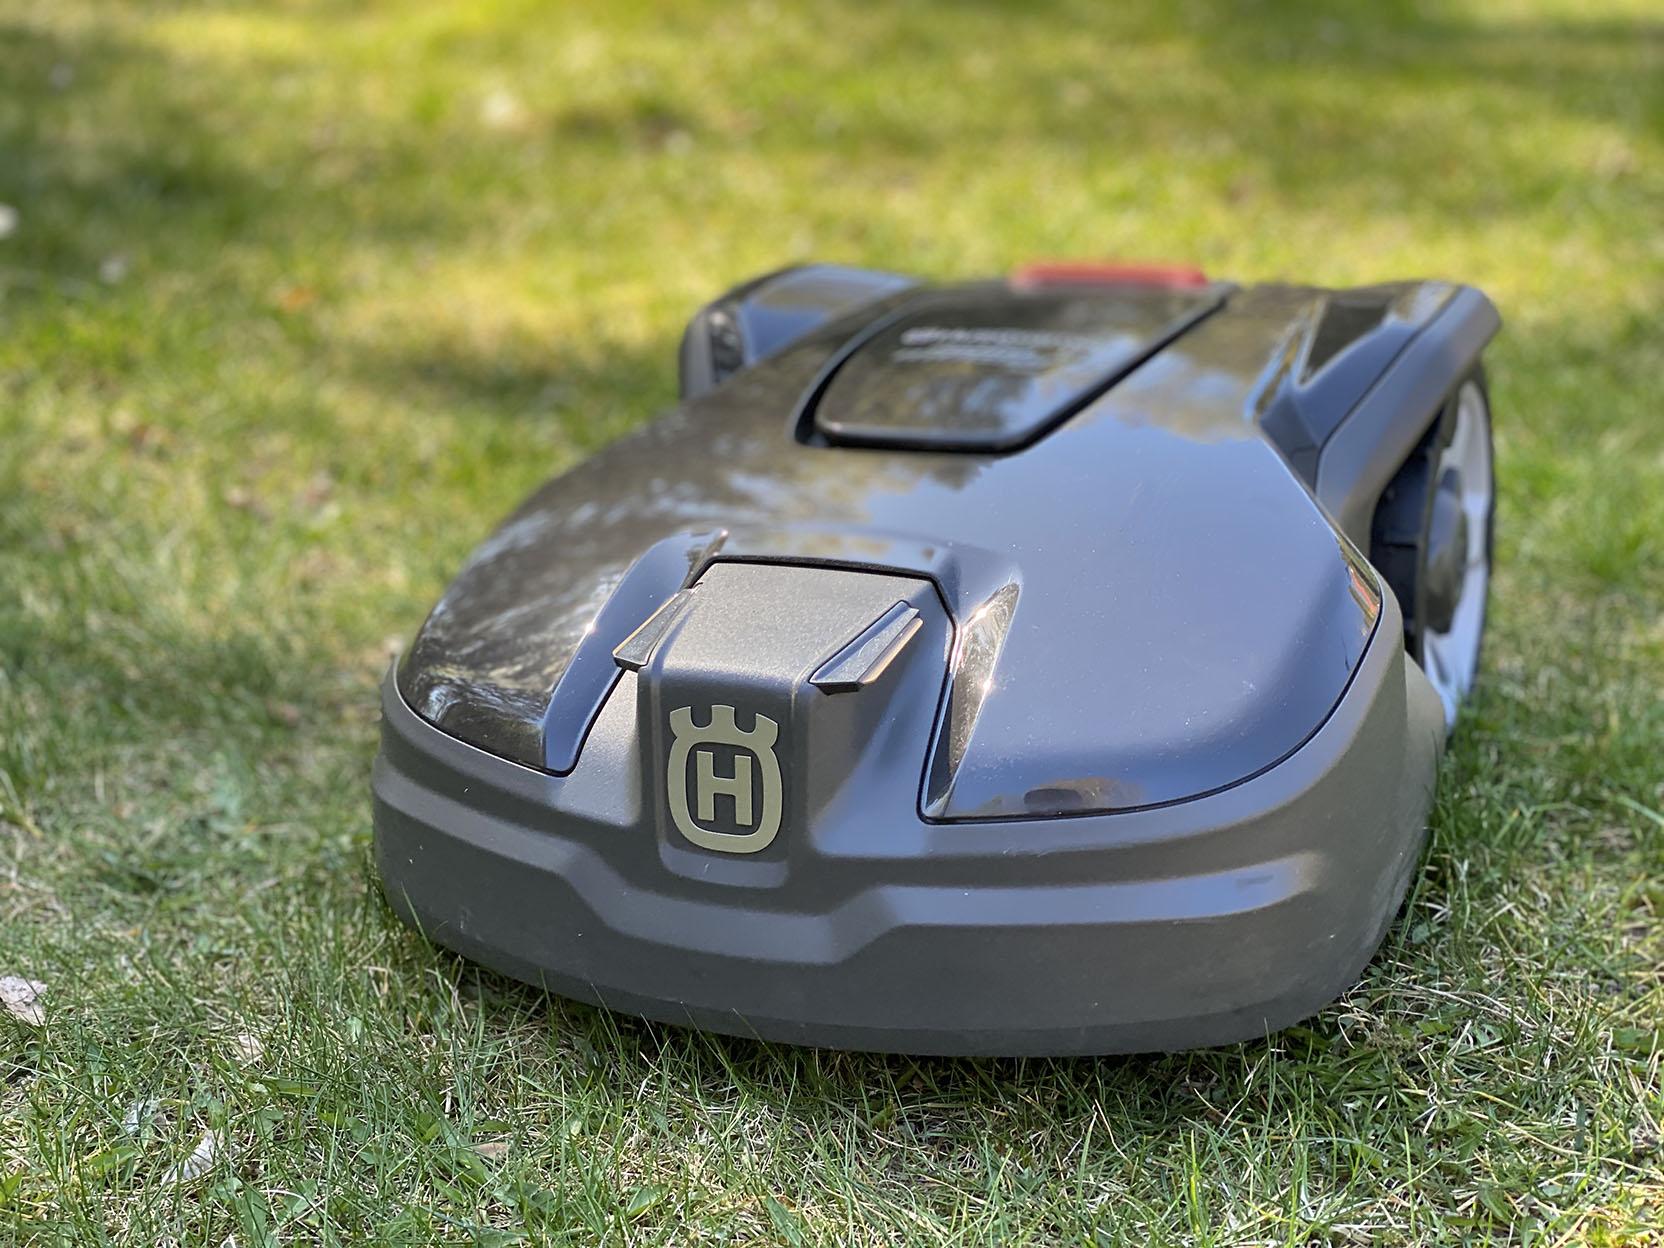 Husqvarna Automower 305 är Husqvarnas minsta robotgräsklippare